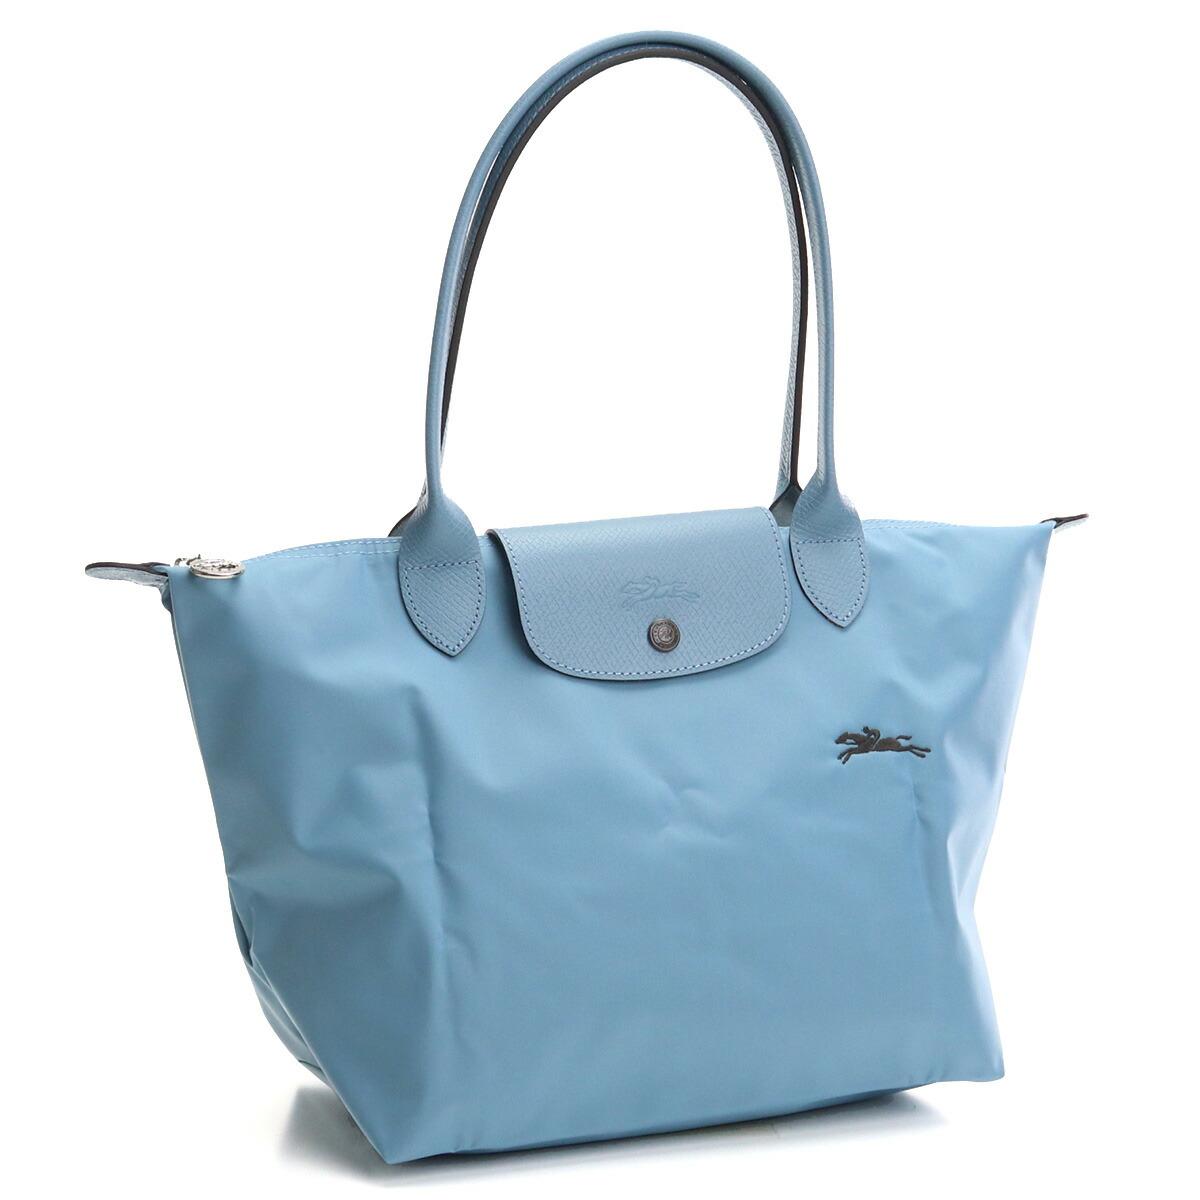 ロンシャン LONGCHAMP PLIAGE トートバッグ ブランドバッグ 2605 619 329 ル・プリアージュ クラブ LE PLIAGE CLUB  bag-01 colo-01